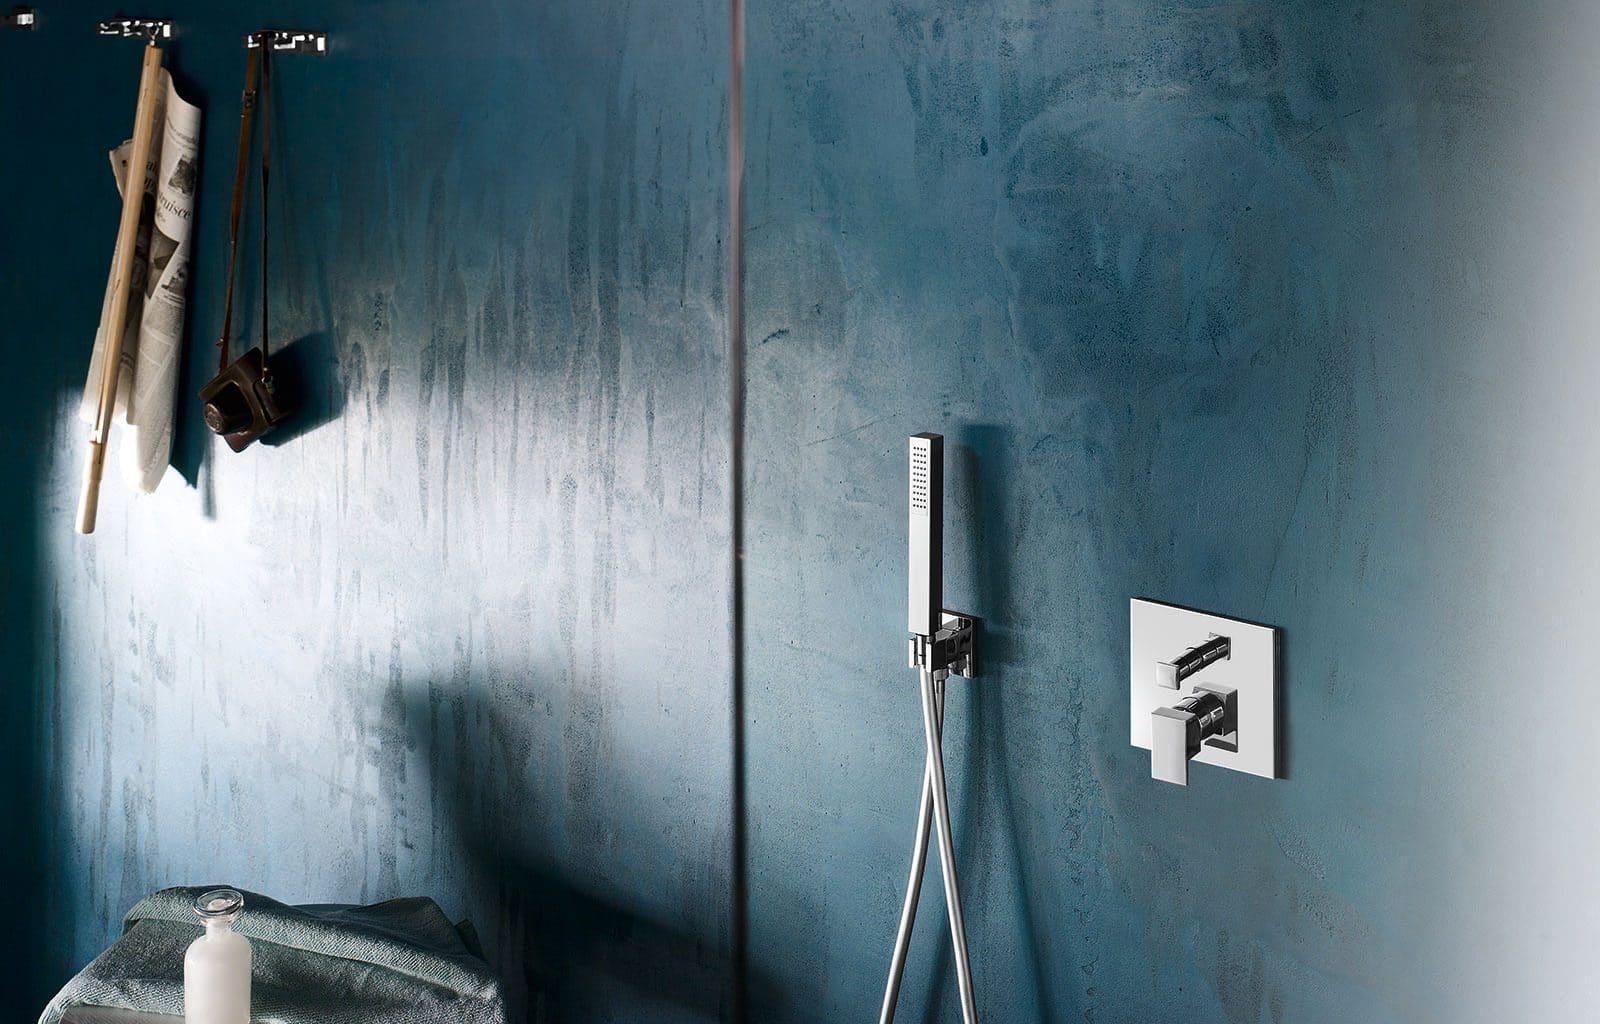 Colonne de douche robinetterie sols concept gardanne meyreuil simiane aix en provence trets plan de campagne